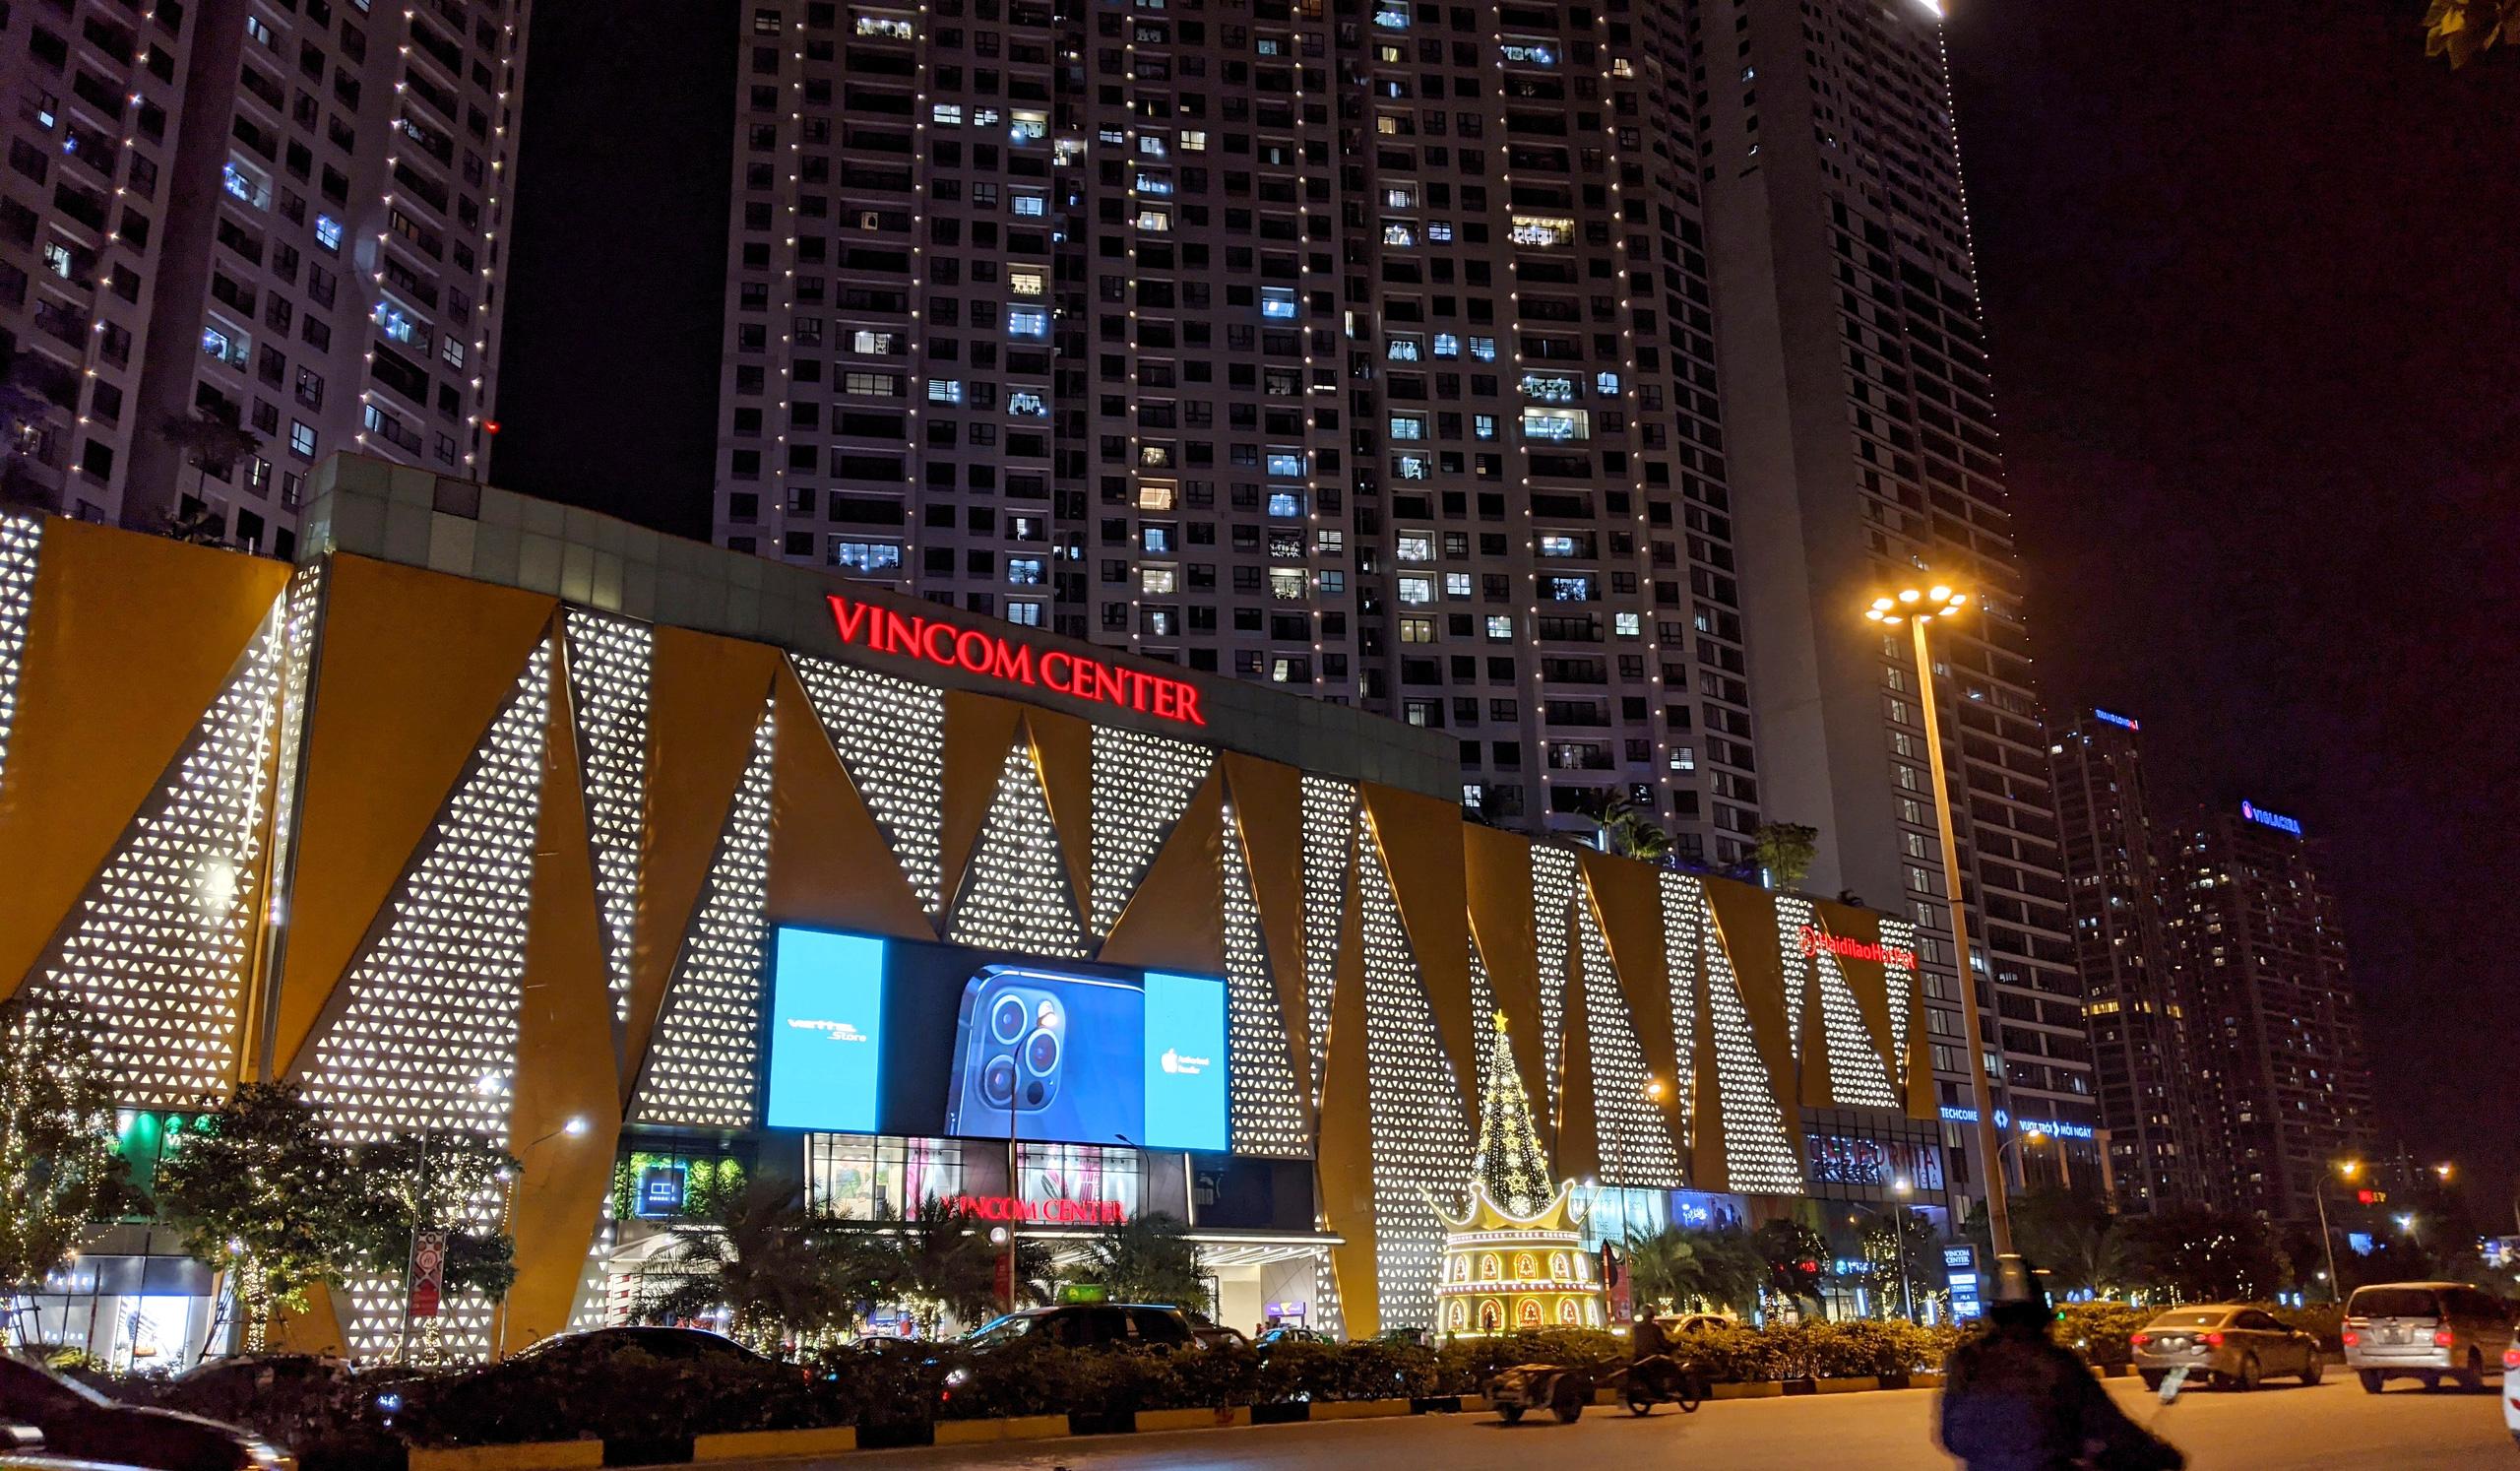 Khách sạn, trung tâm thương mại đồng loạt 'thay áo' mùa Giáng sinh 2020 - Ảnh 5.